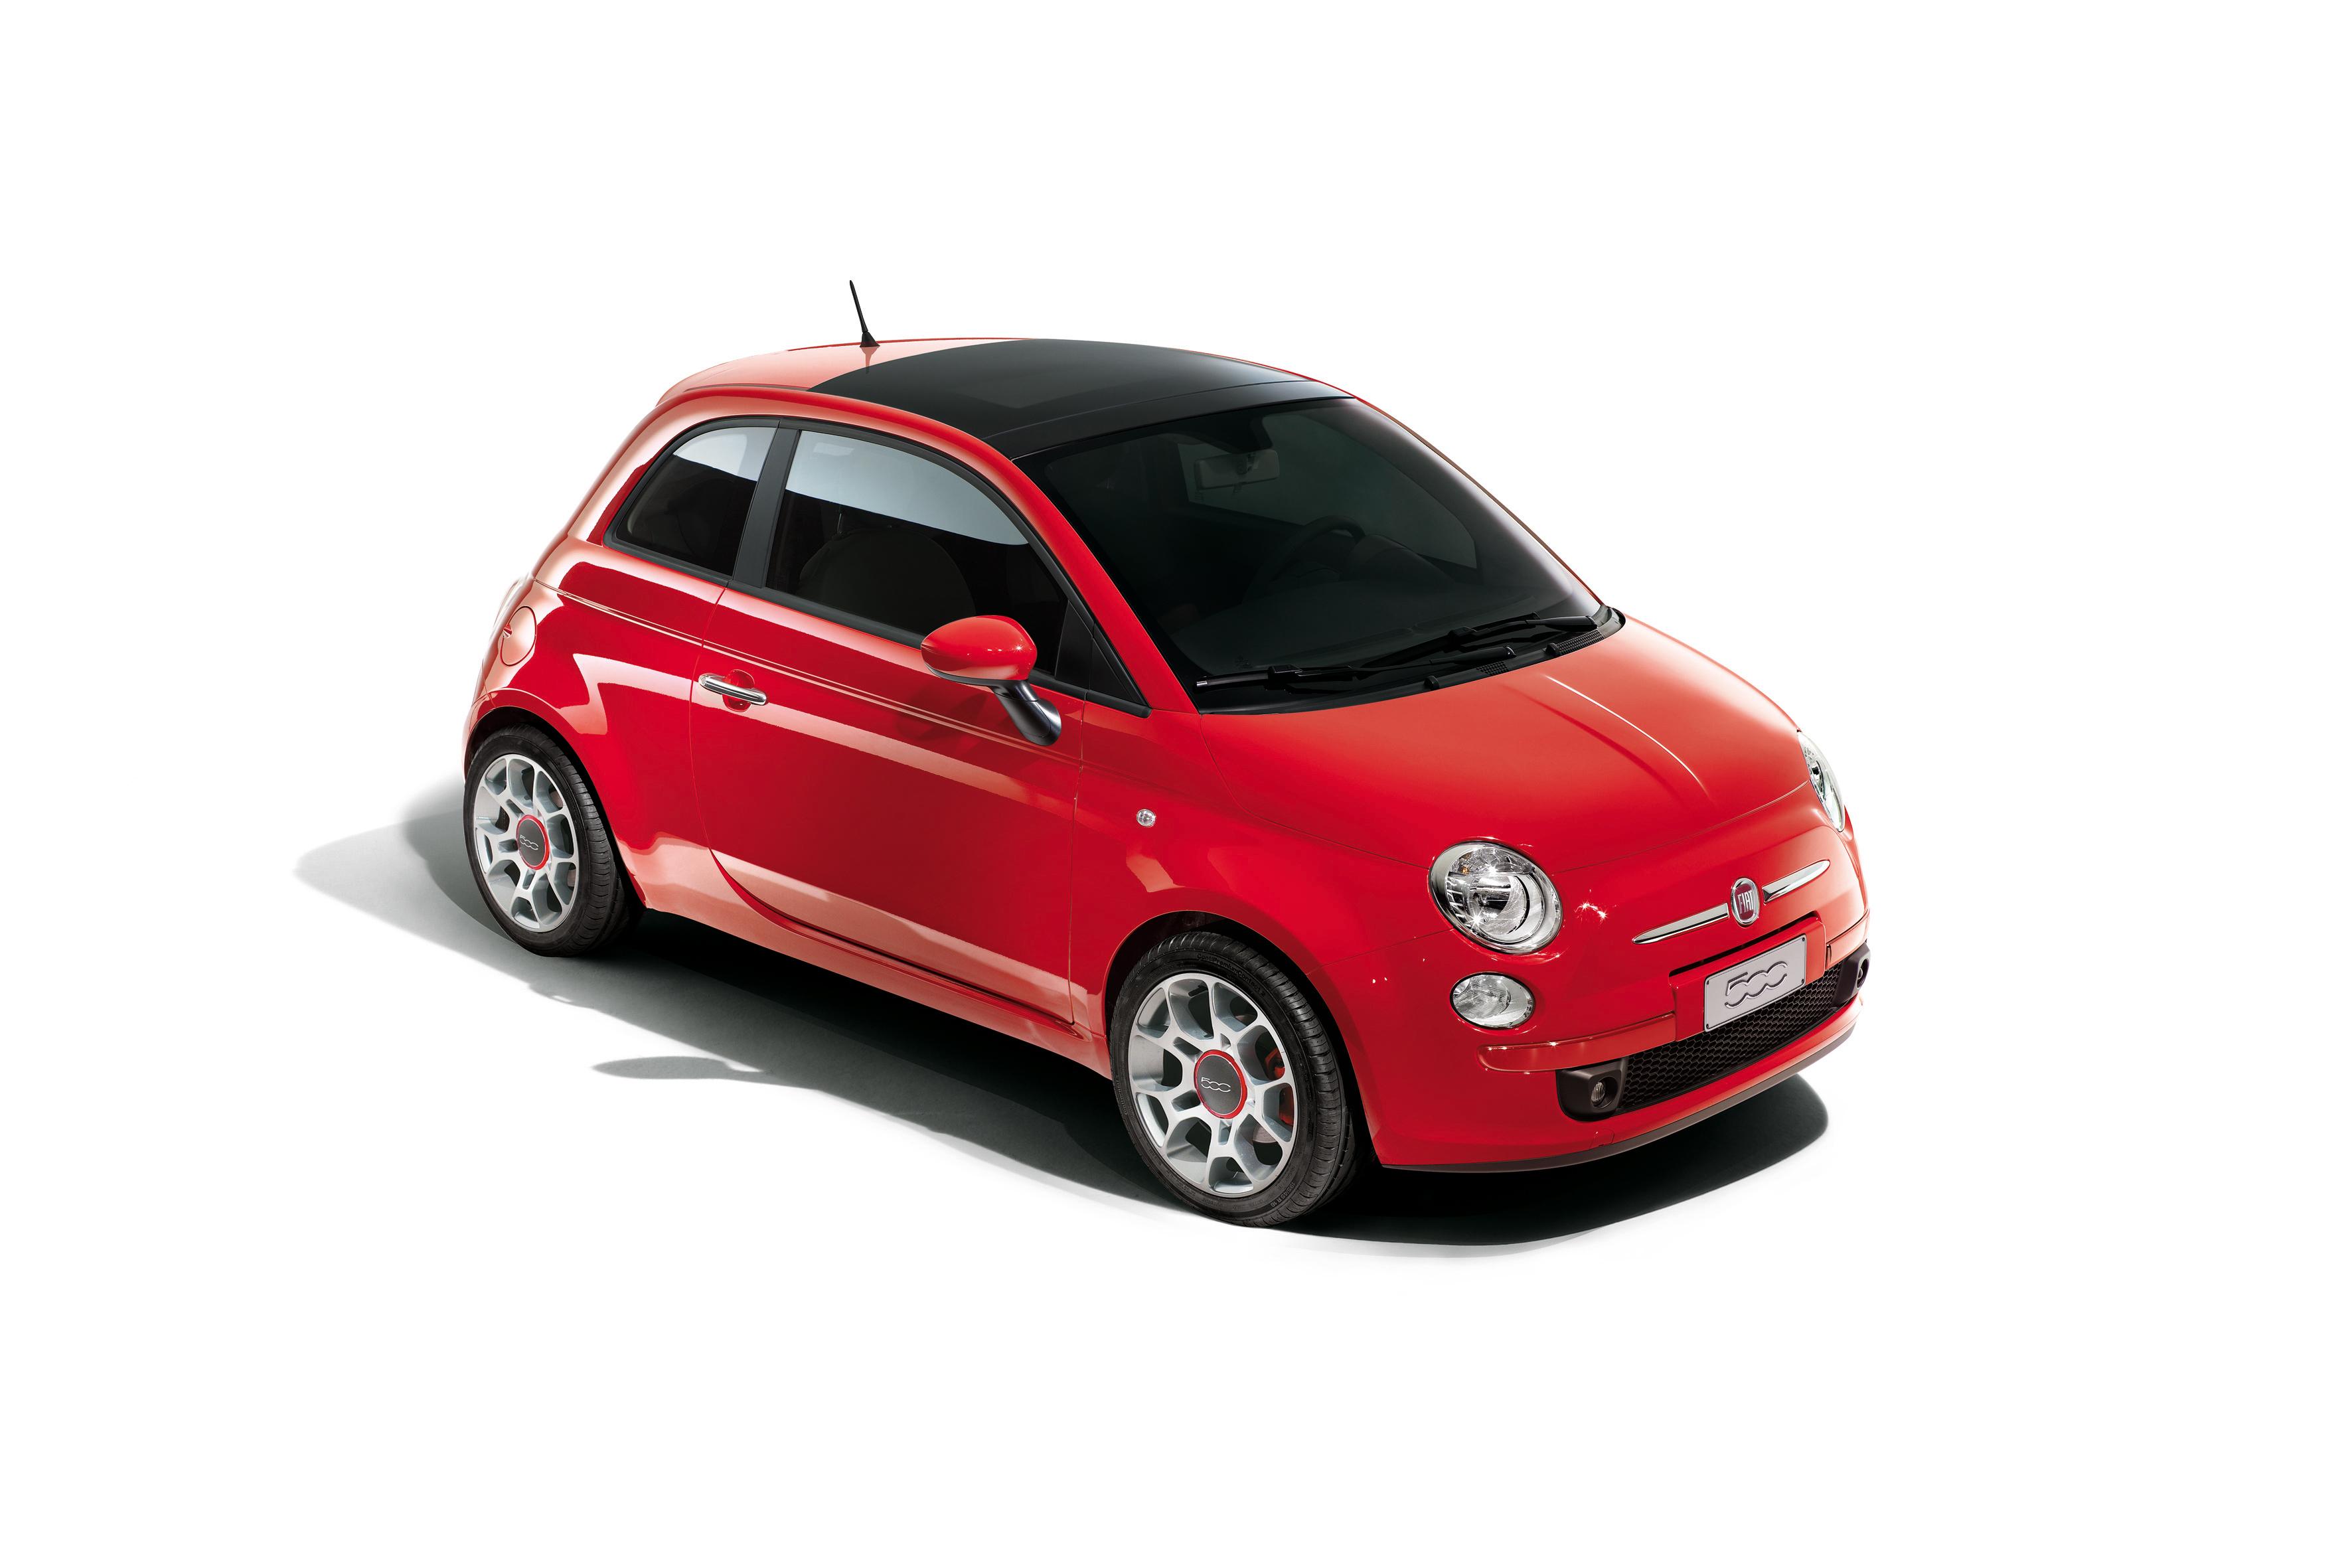 Kurz Gemeldet Neues Von Fiat Fiat 500 Sonderedition In